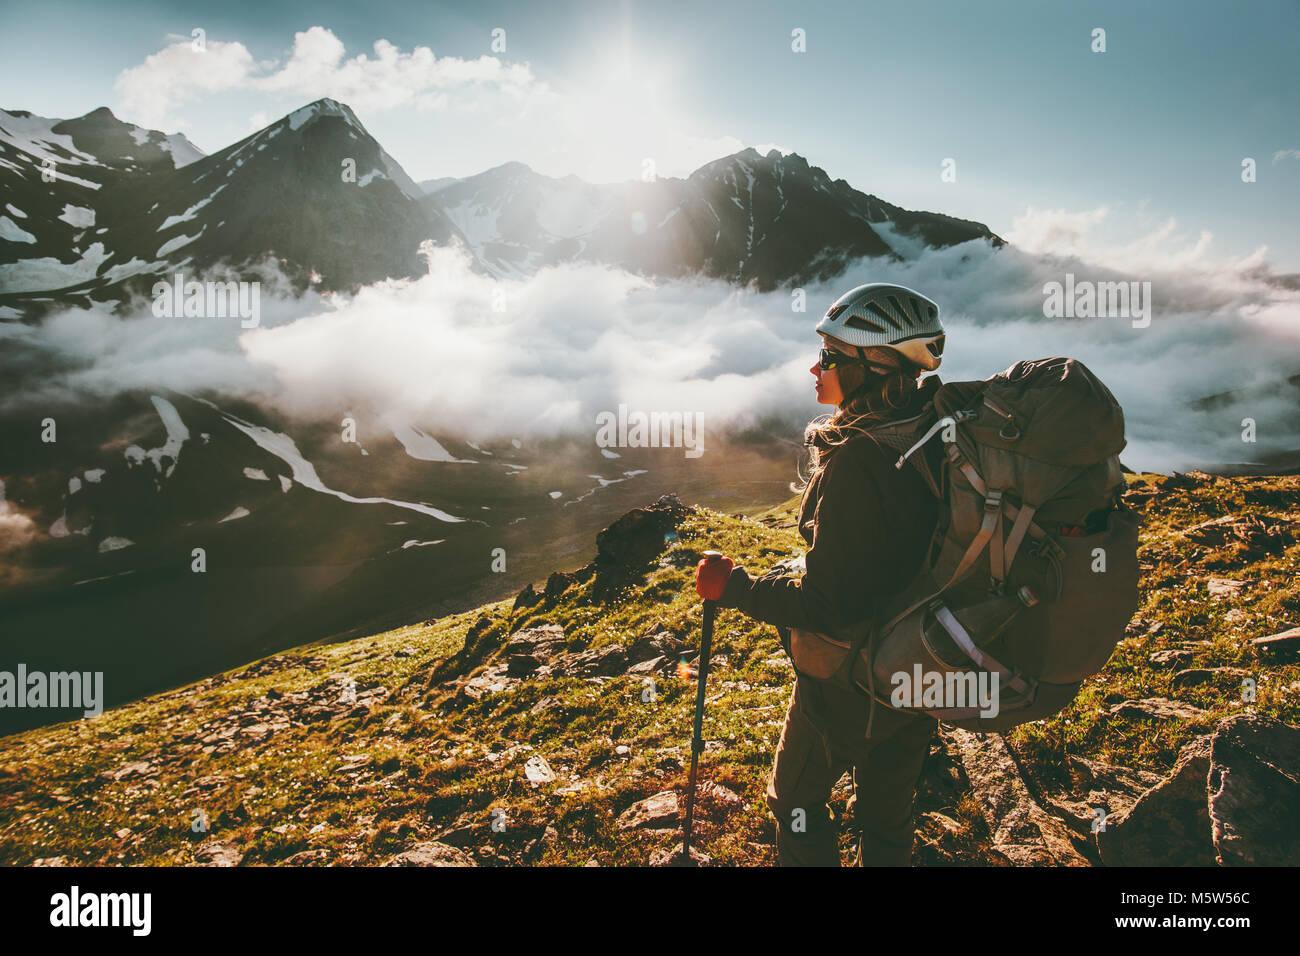 Backpacker donna godendo di montagne paesaggio nuvole Viaggi avventura di uno stile di vita attivo concetto vacanze Immagini Stock